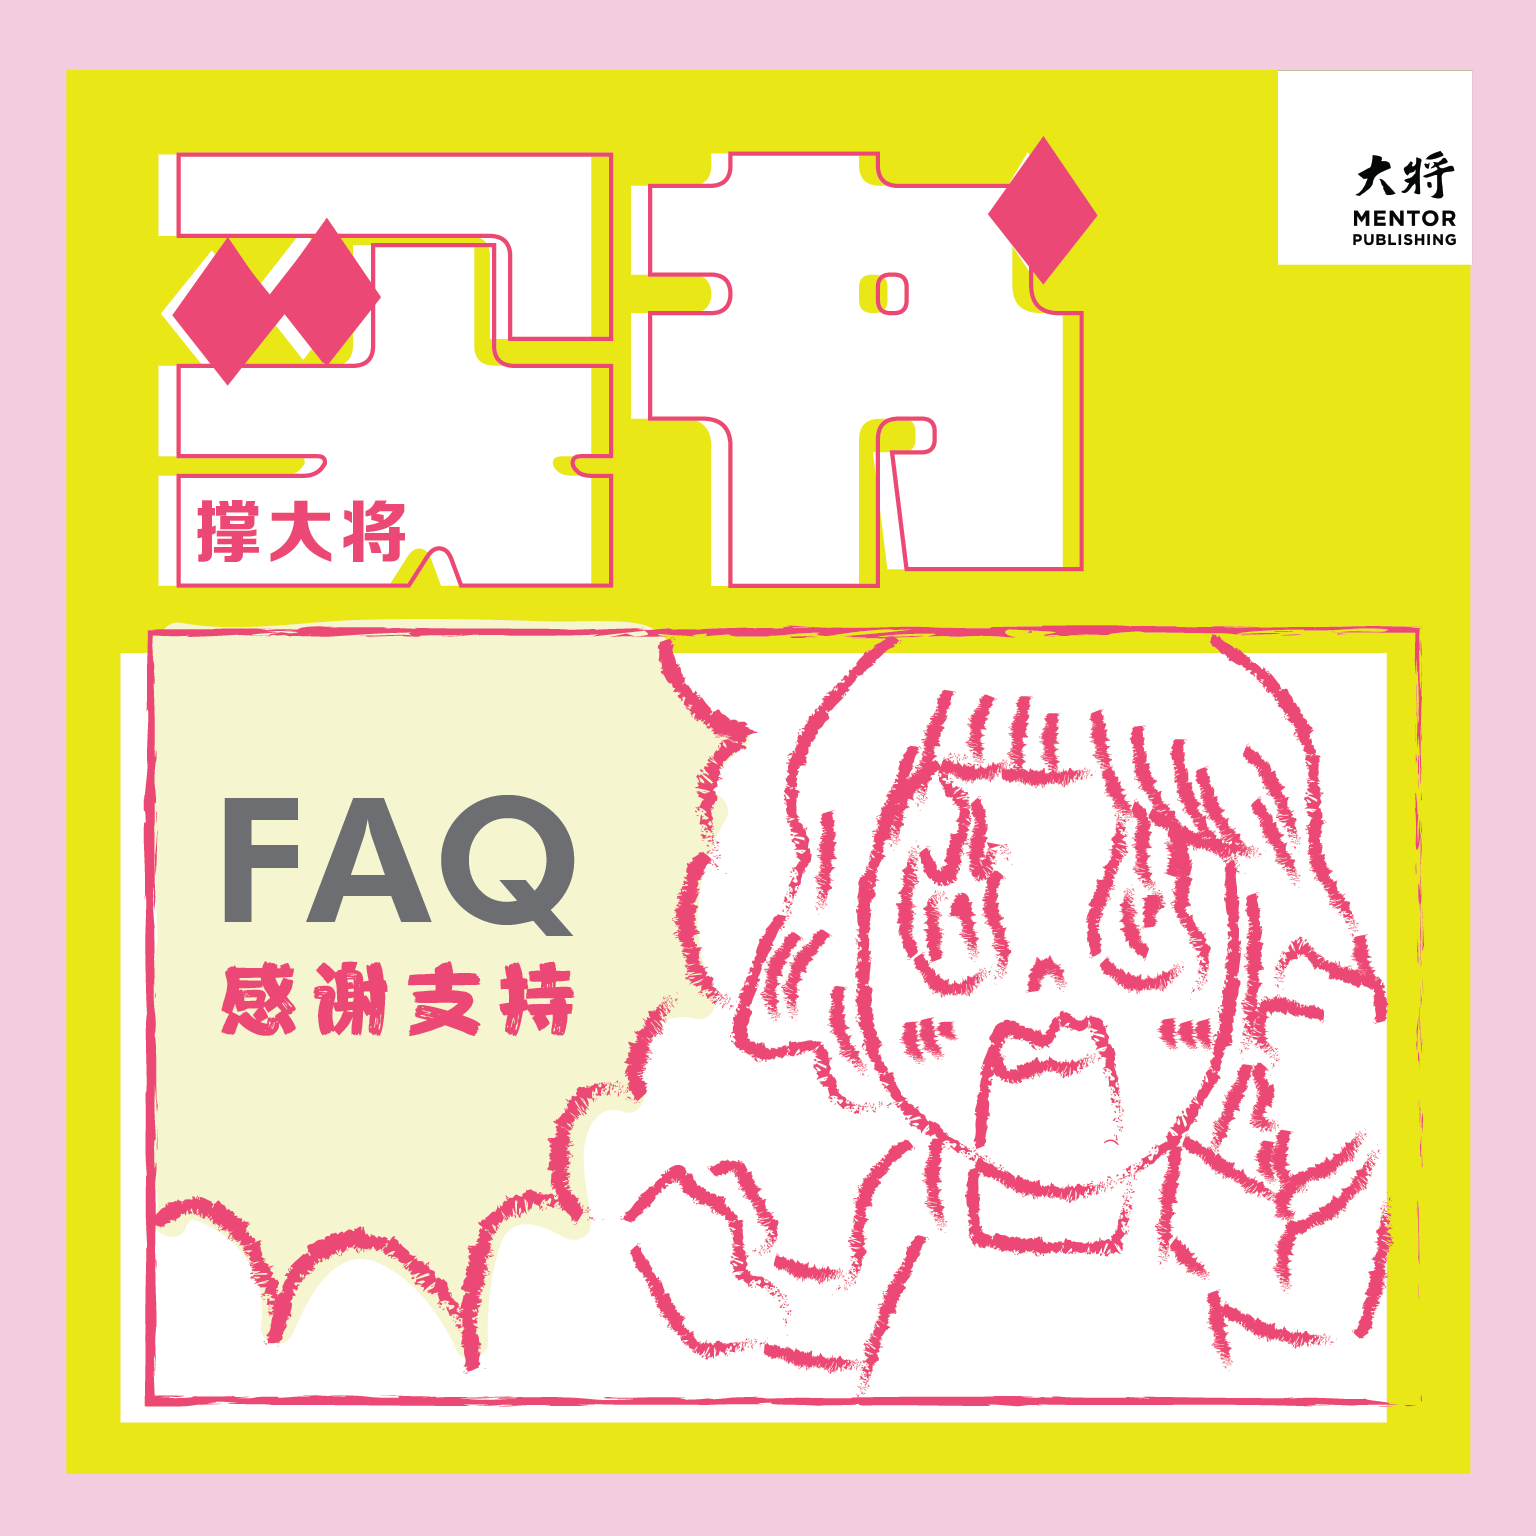 买书撑大将 - FAQ